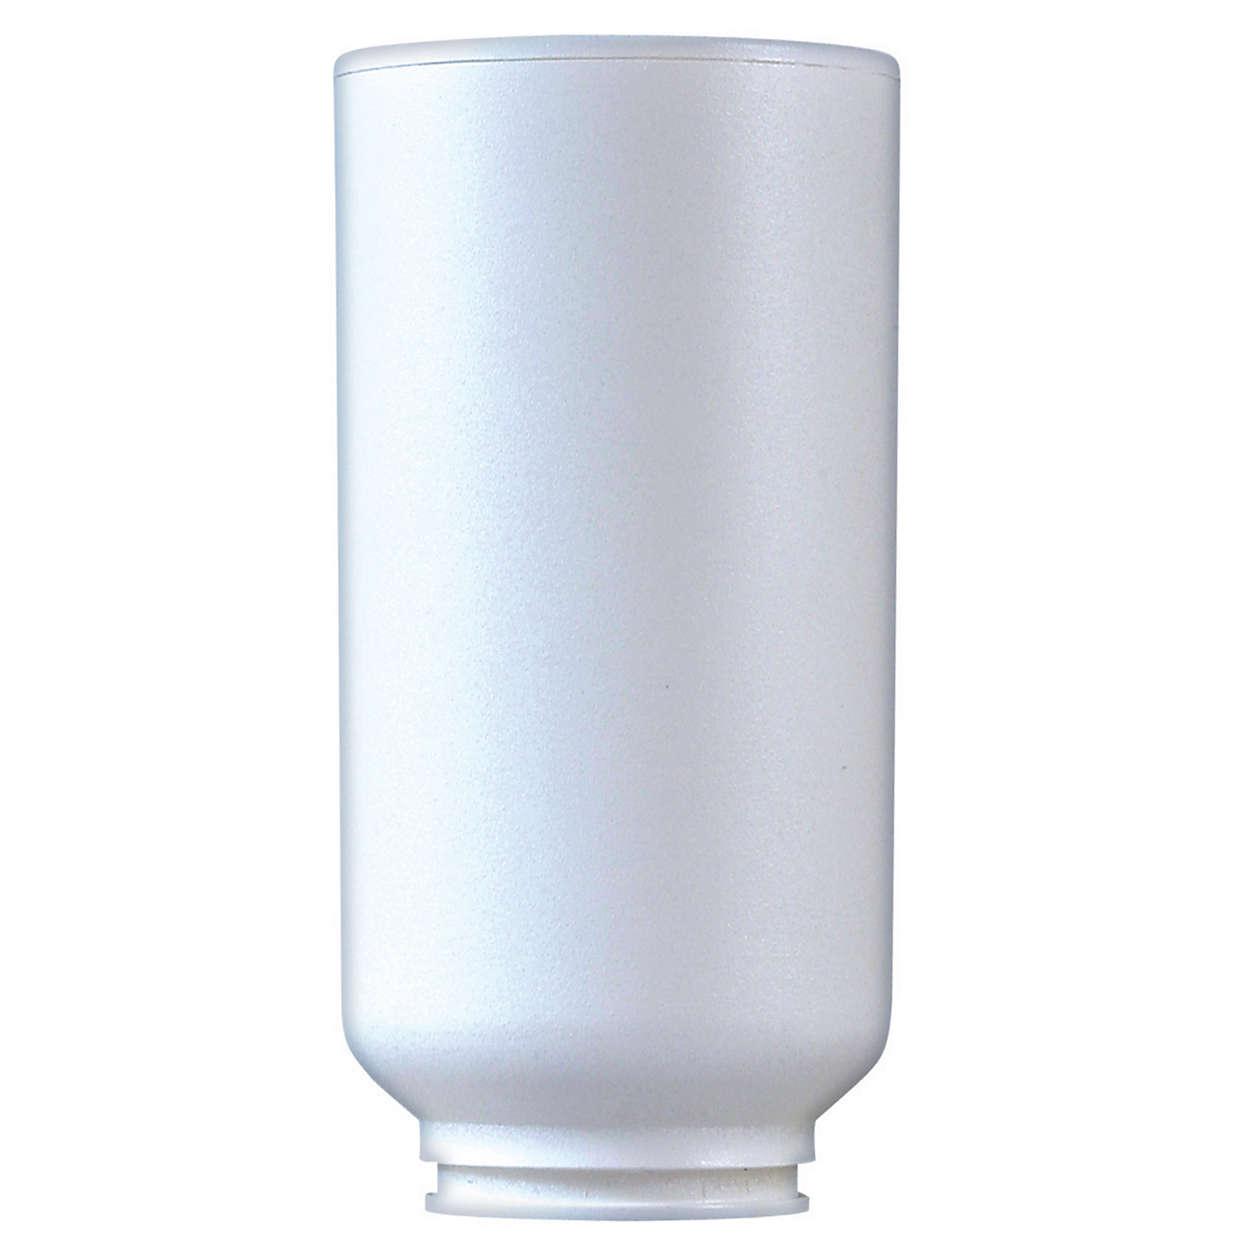 Egyszerűen előállítható, kellemes aromájú víz